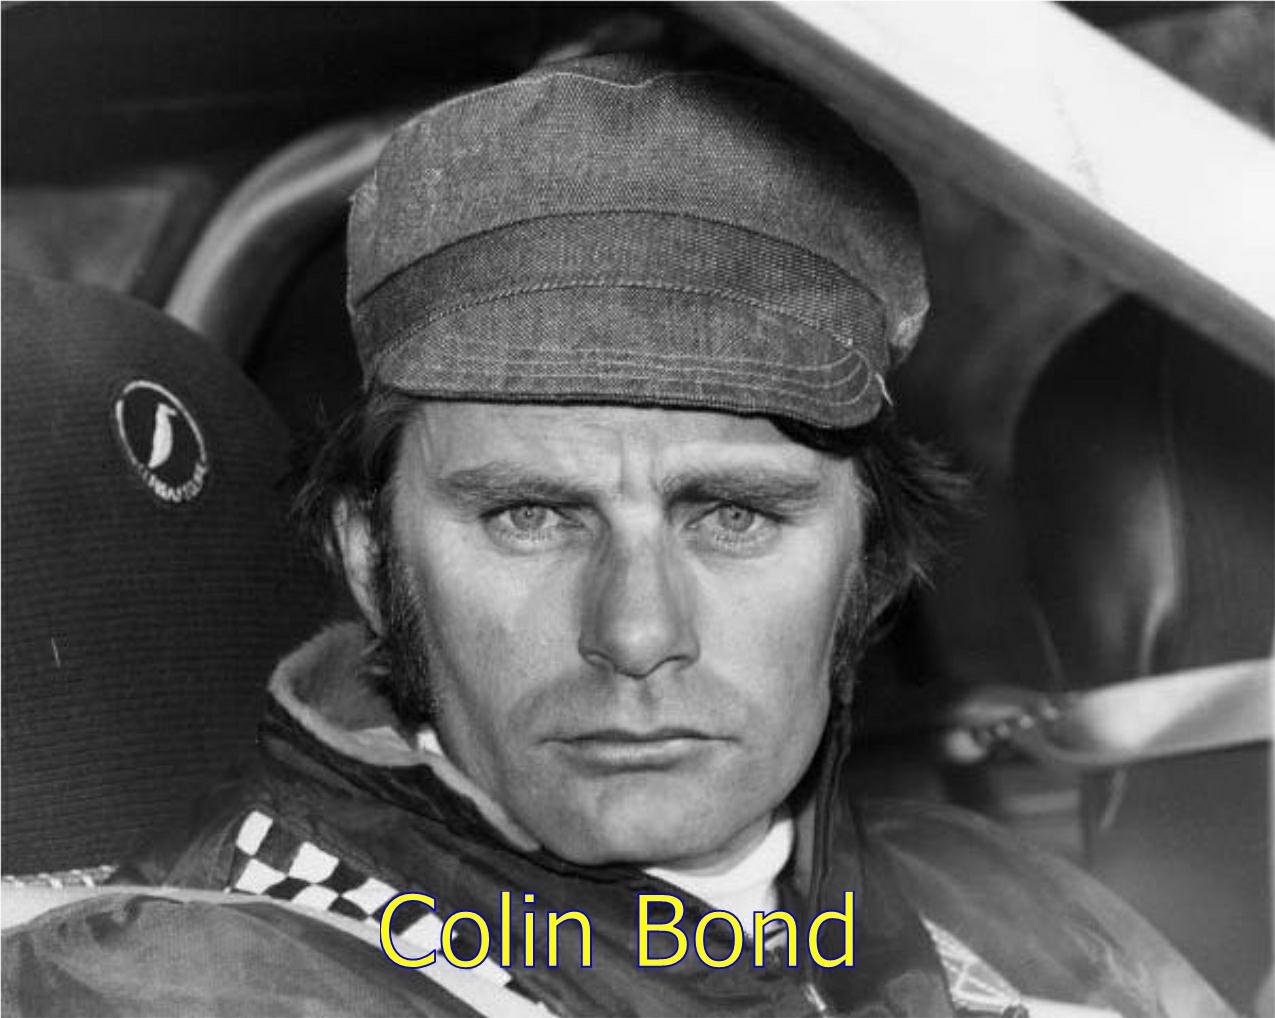 1 ColinBond